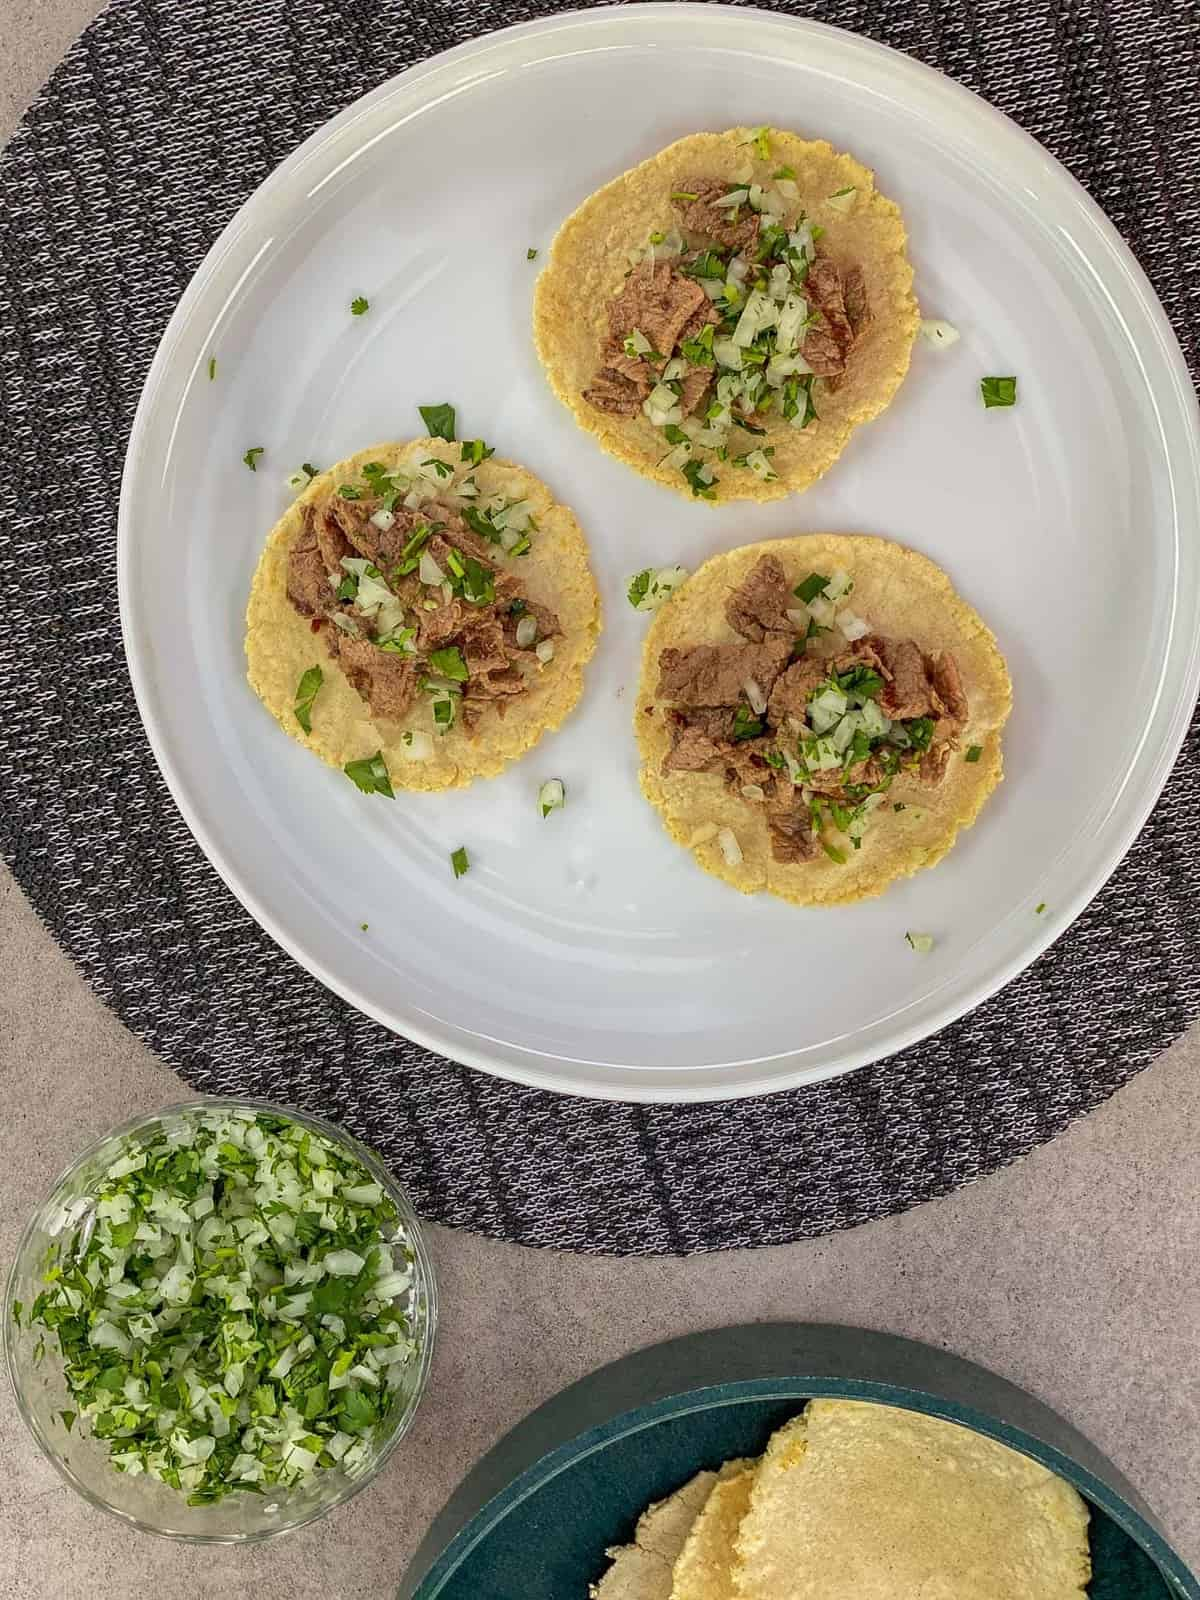 grilled carne asada on homemade corn tortillas with pico de gallo